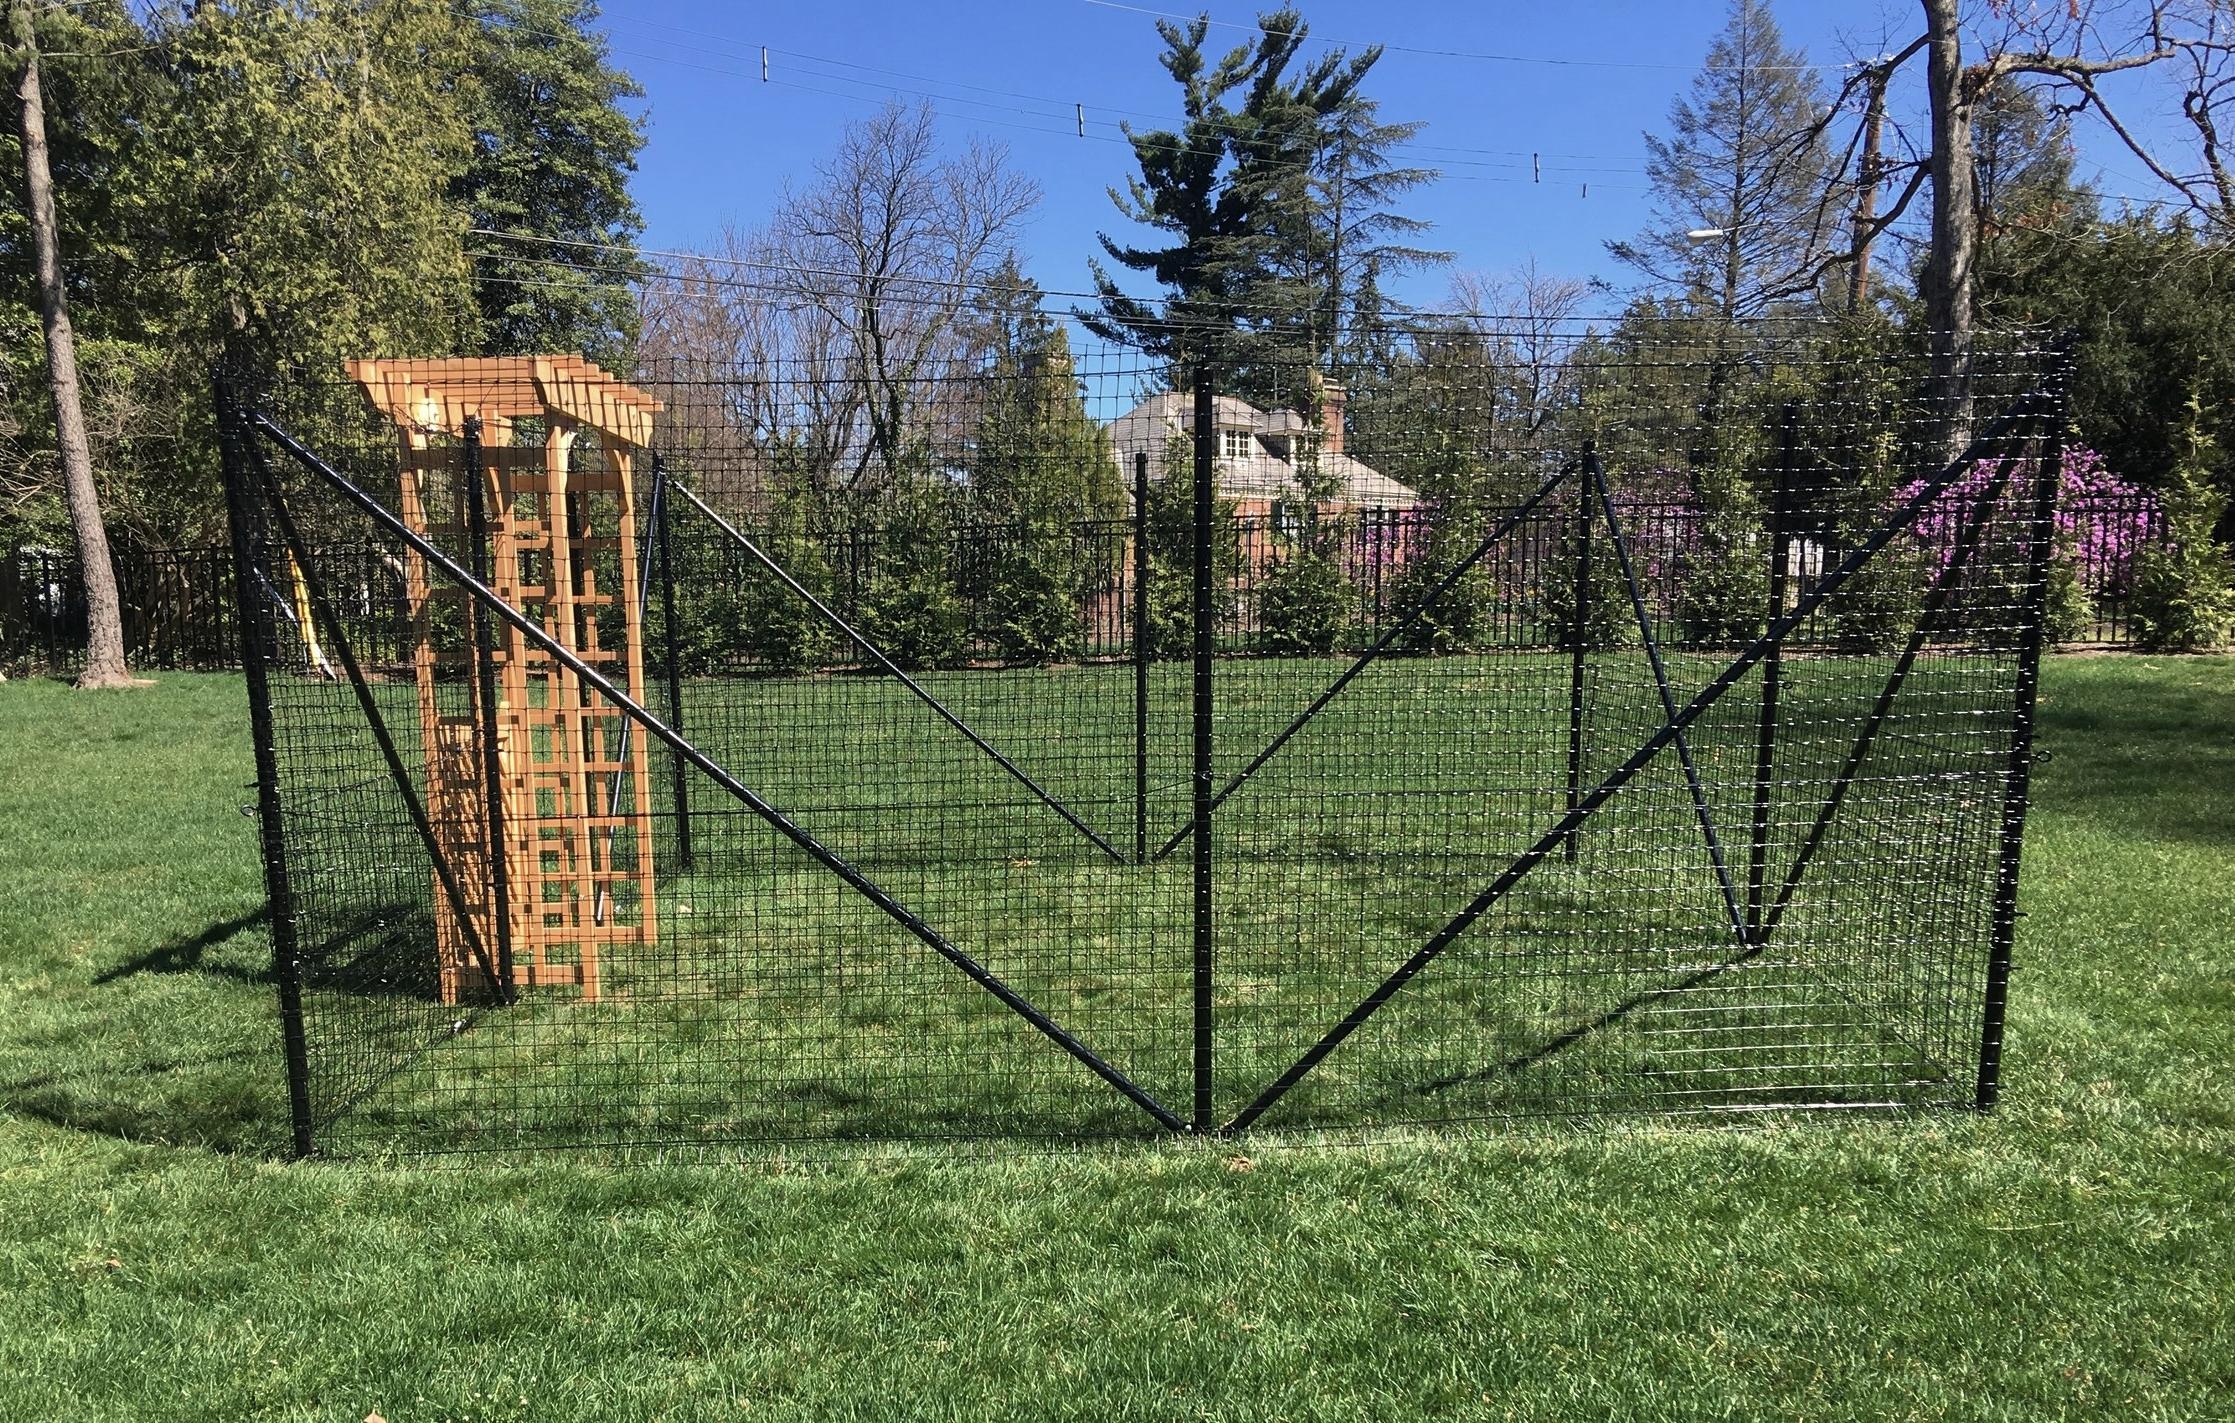 Small garden fence in Mainline, Philadelphia